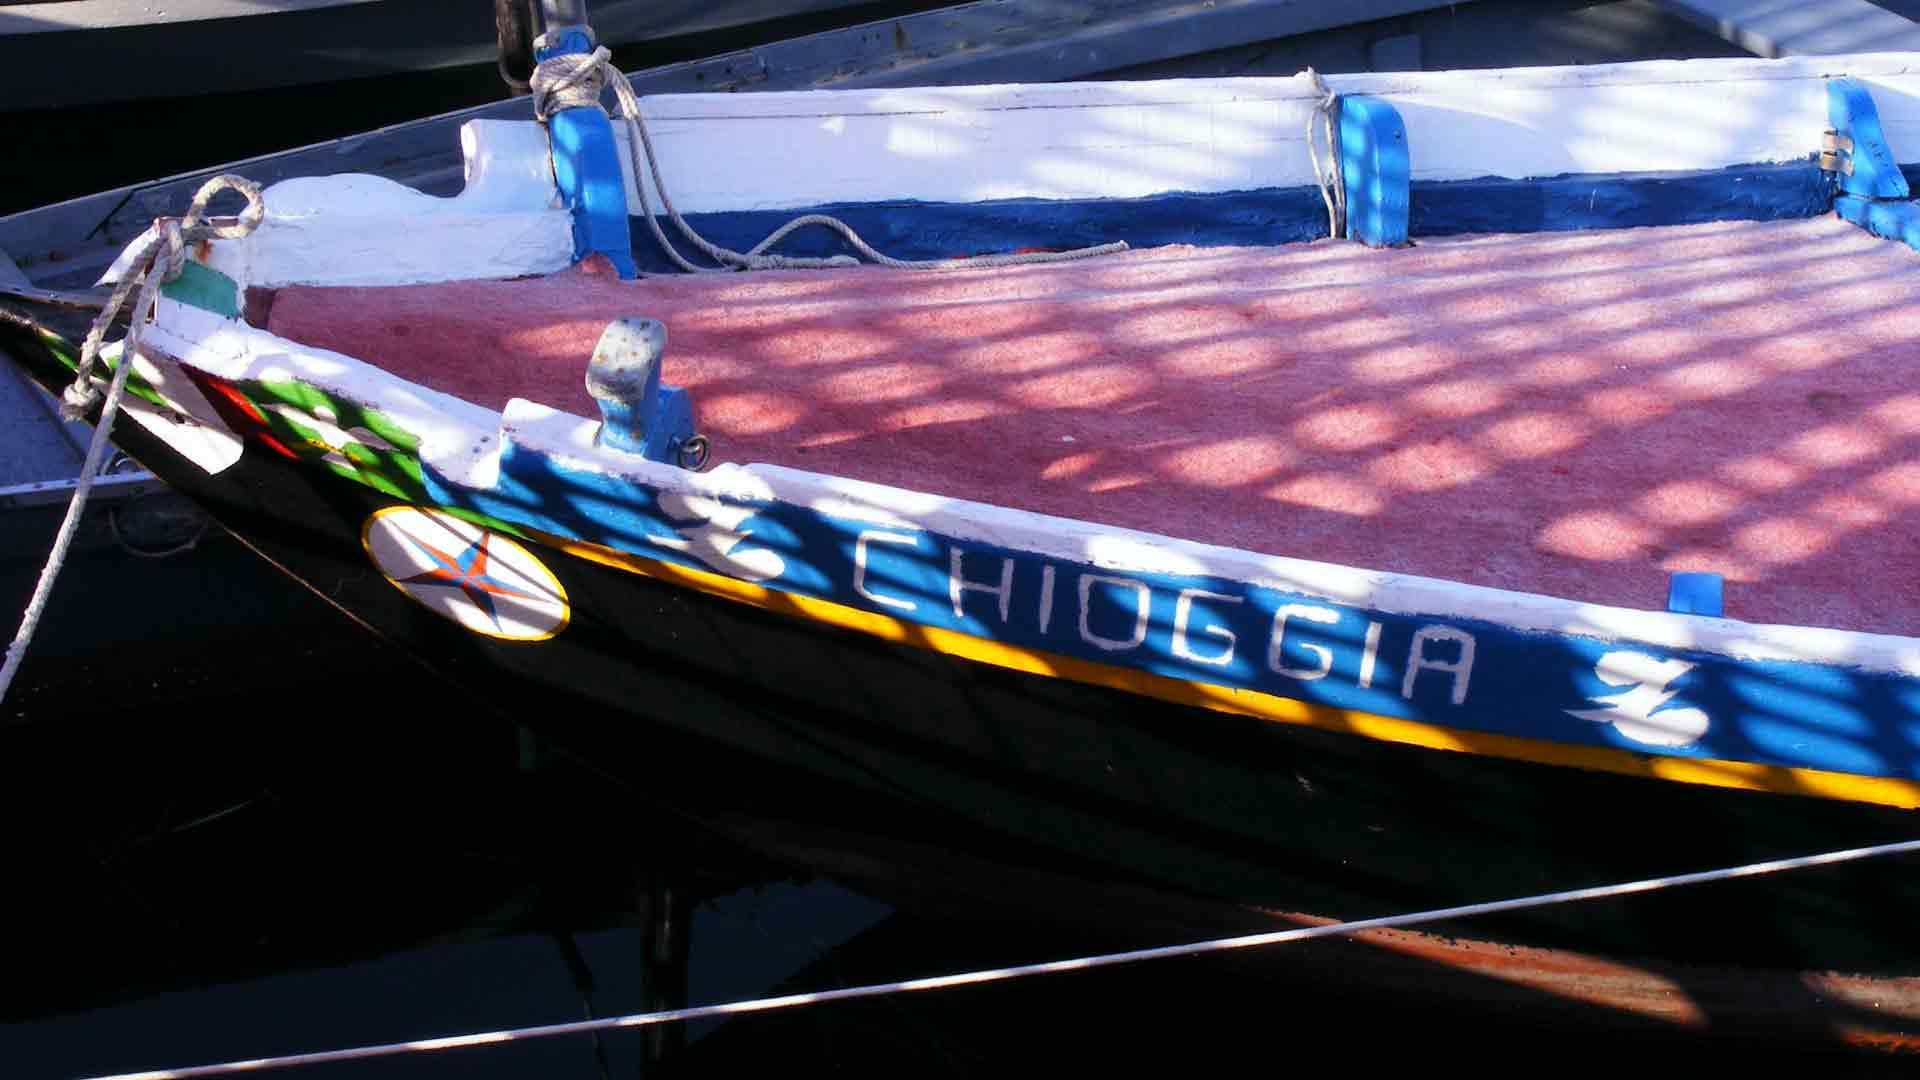 Chioggia - La verigola, tipica imbarcazione chioggiotta